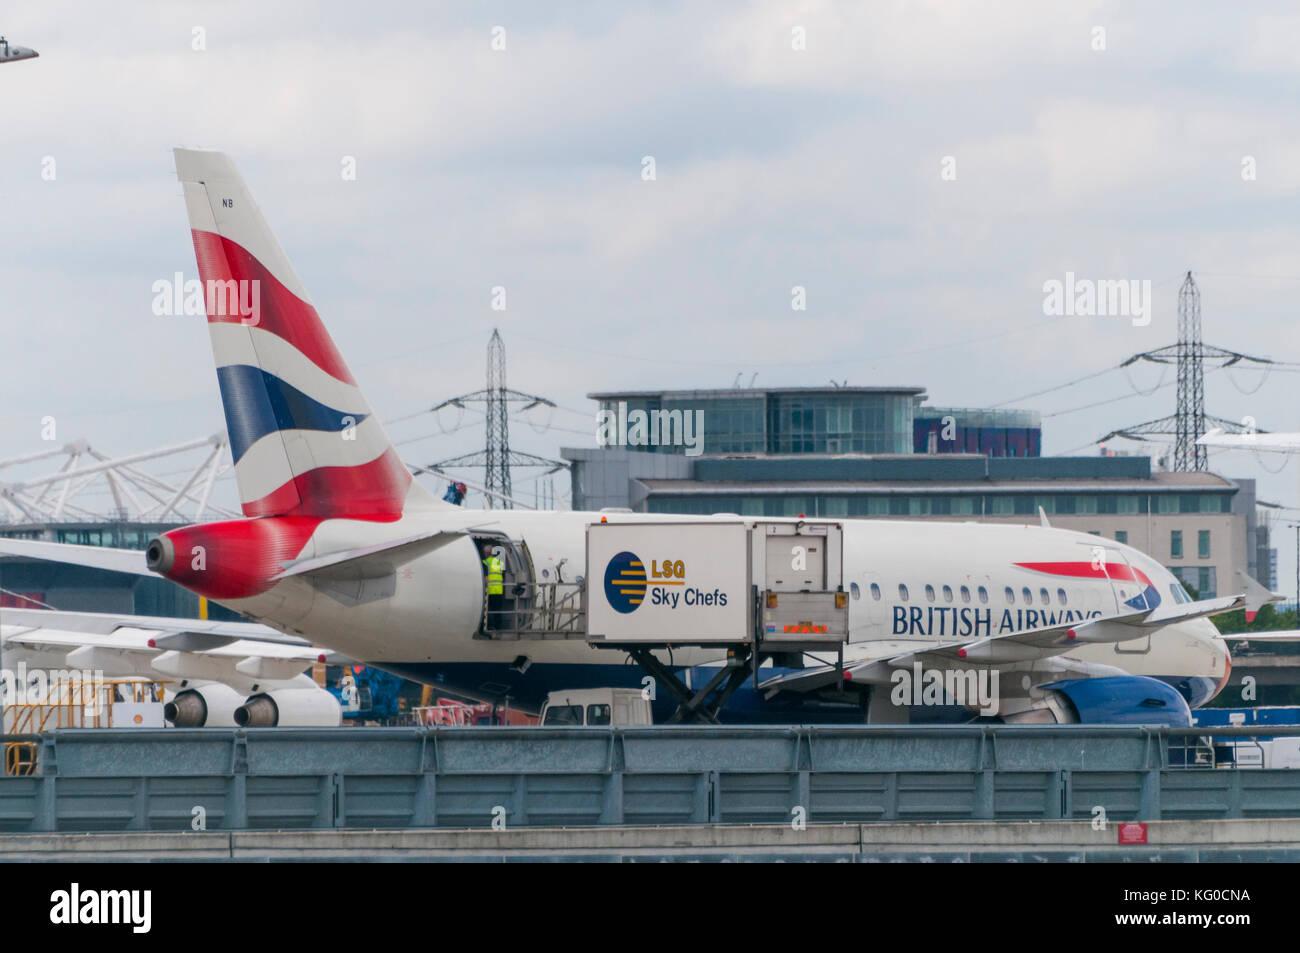 British Airways Airline Food Stock Photos & British Airways Airline ...